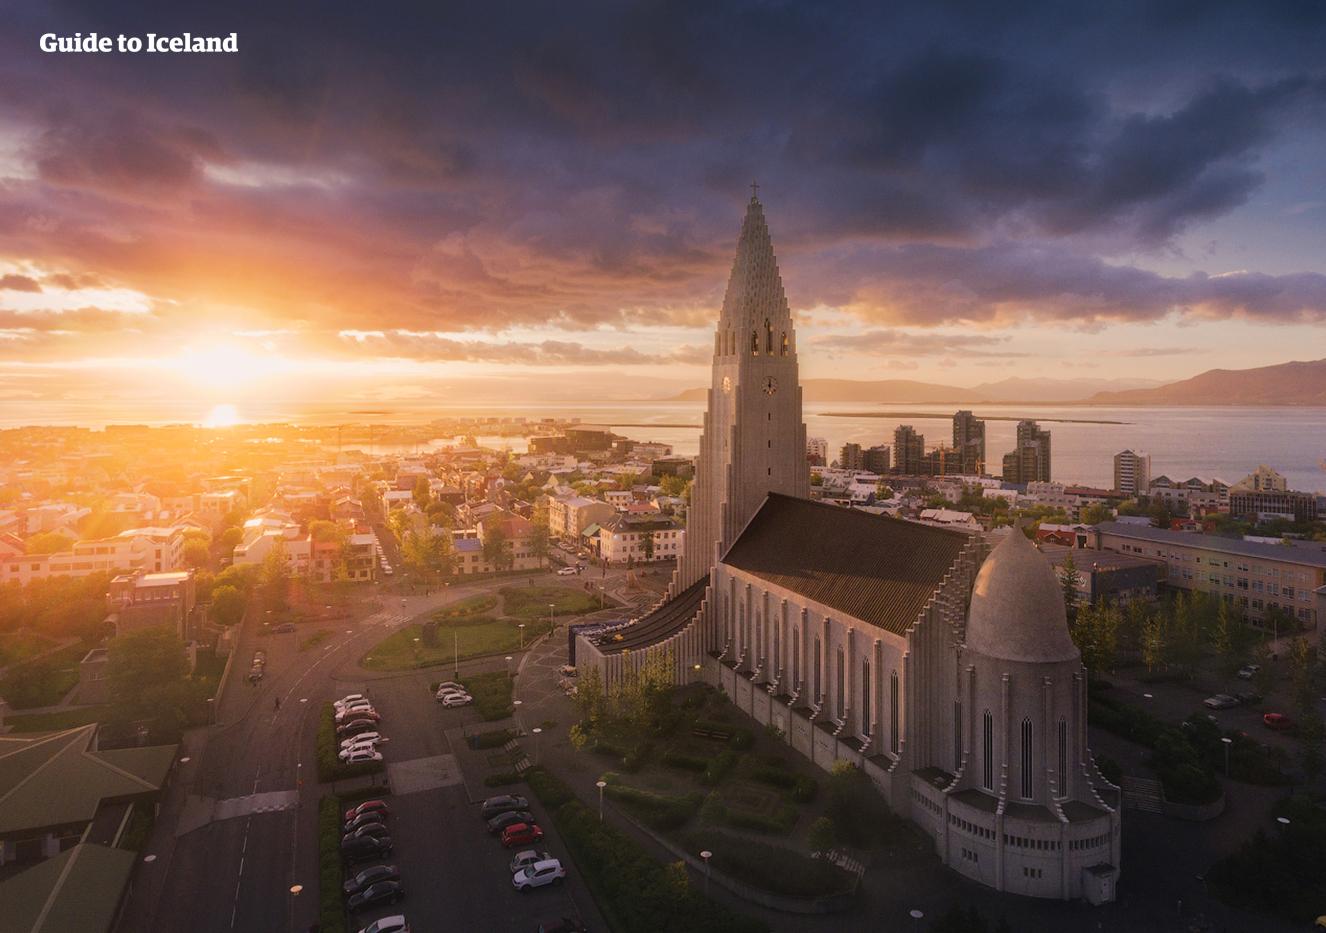 Weite Teile Islands sind von empfindlichem, isländischen Moos bedeckt. Wenn es beschädigt wird, kann es Jahrzehnte dauern, bis es sich wieder erholt. Darum sollte man möglichst nicht drauftreten.